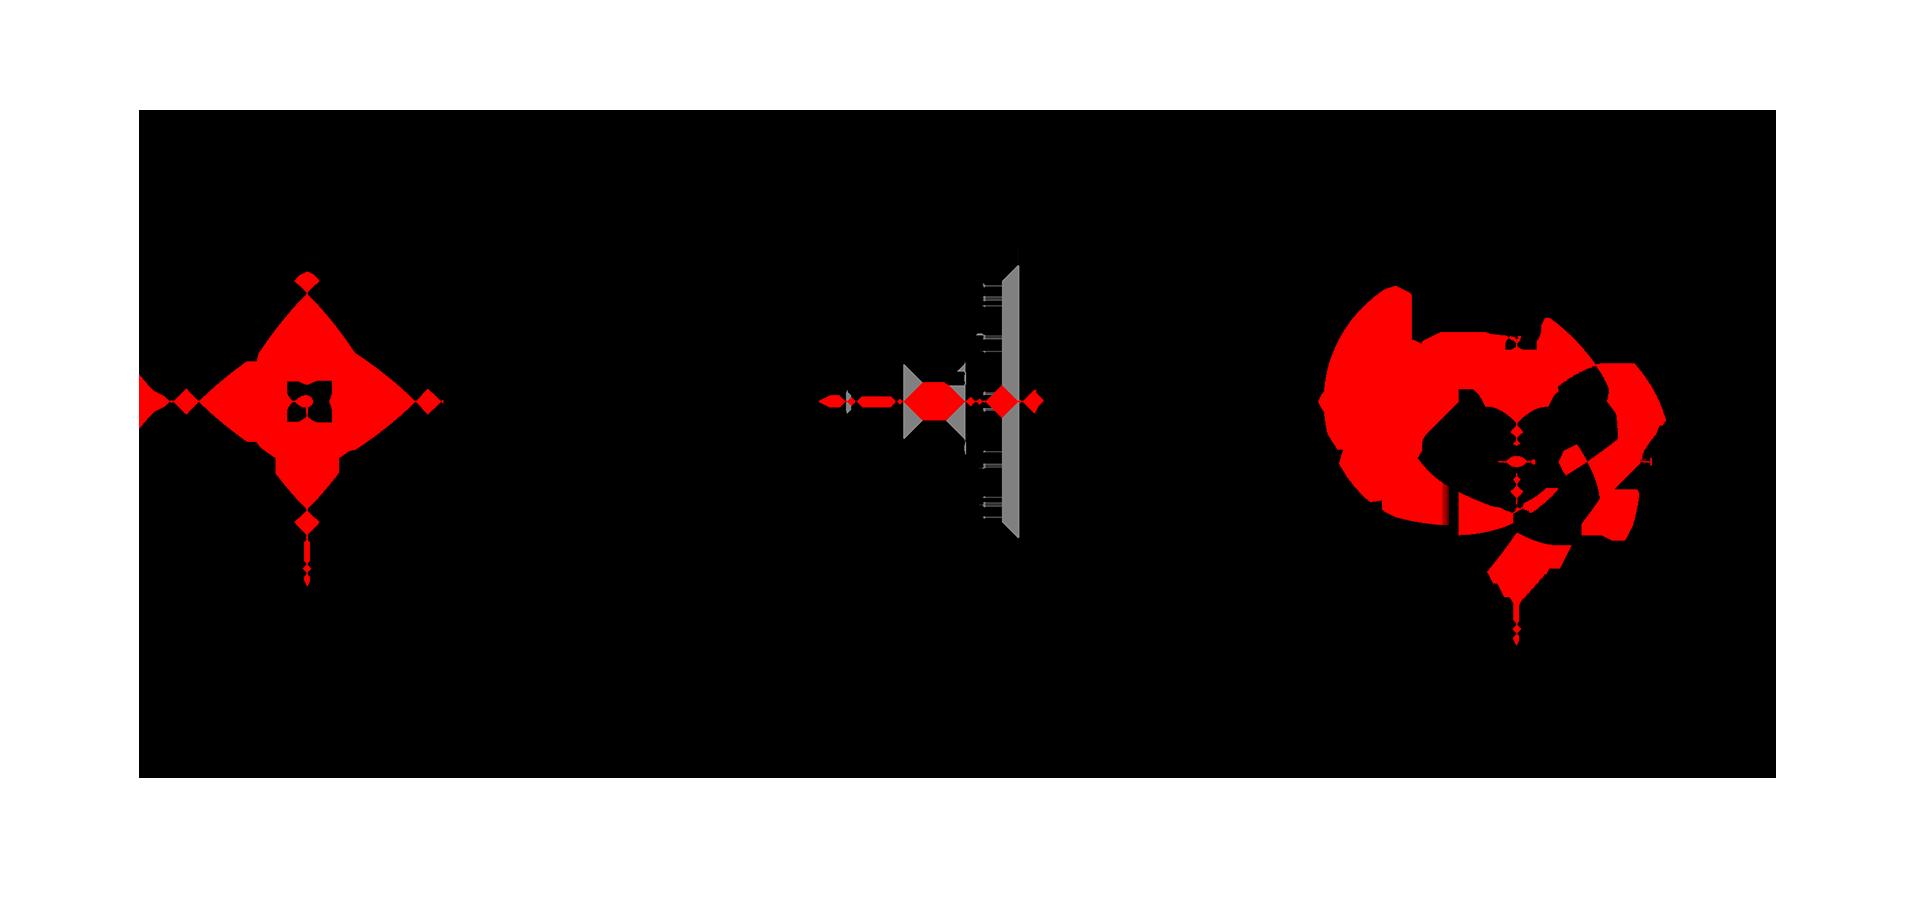 EC4509 Dimensions